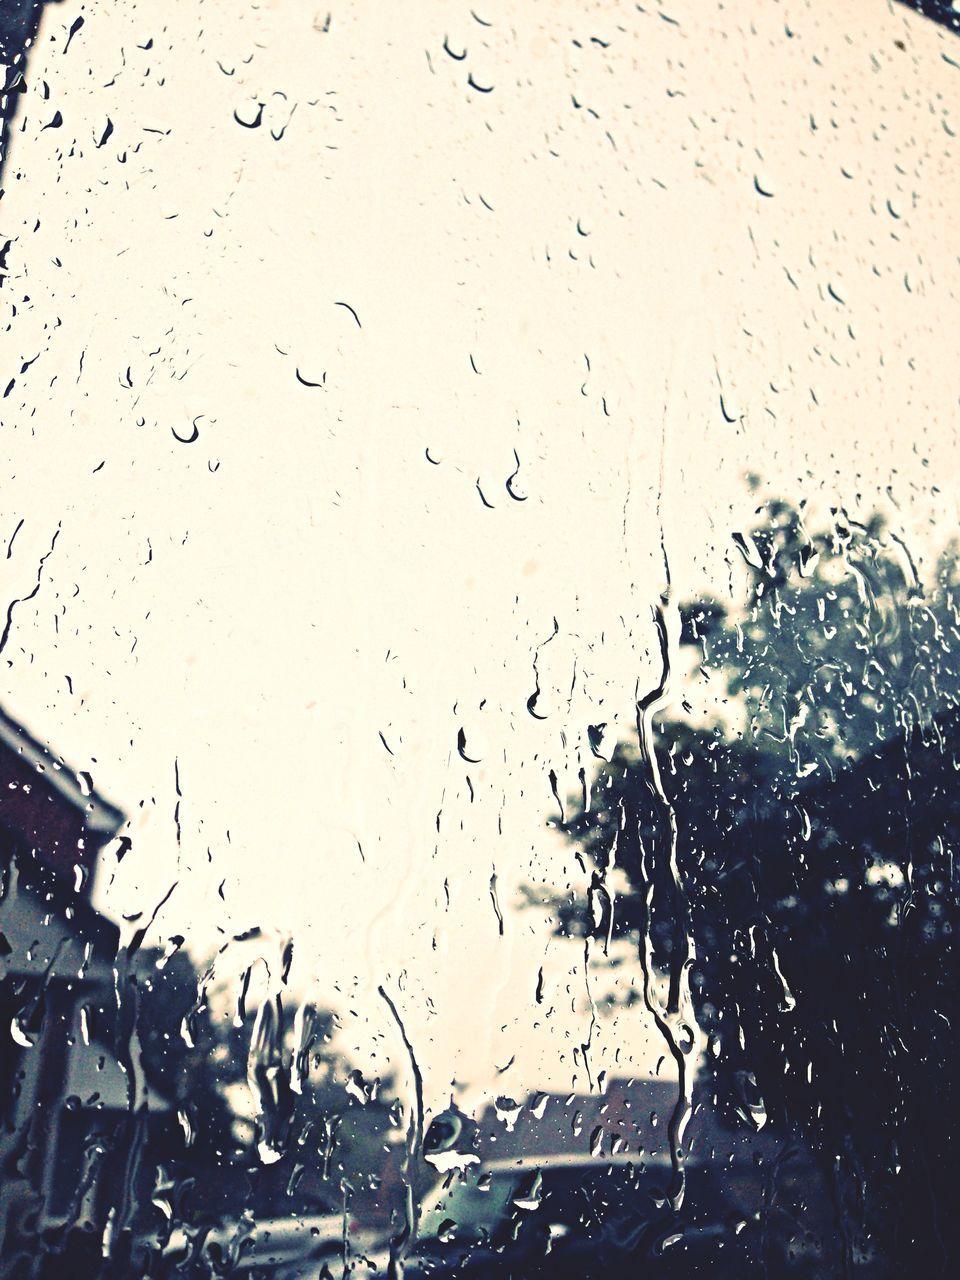 View Of Wet Window